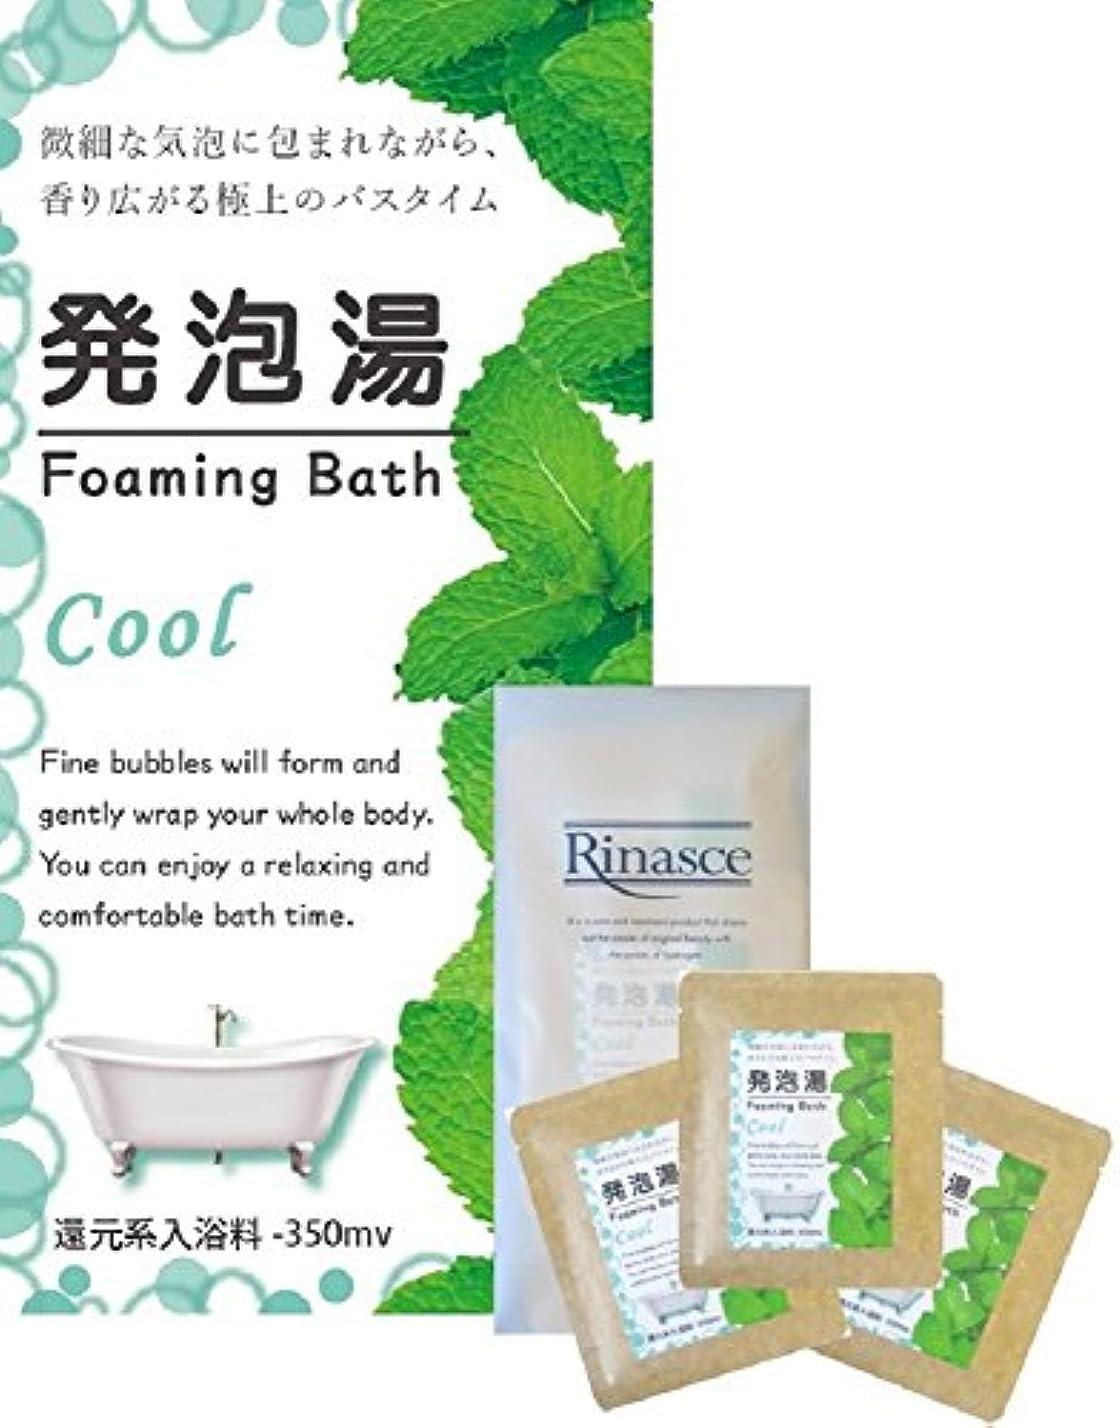 更新聖域床【ゆうメール対象】発泡湯(はっぽうとう) Foaming Bath Cool クール 40g 3包セット/微細な気泡に包まれながら香り広がる極上のバスタイム